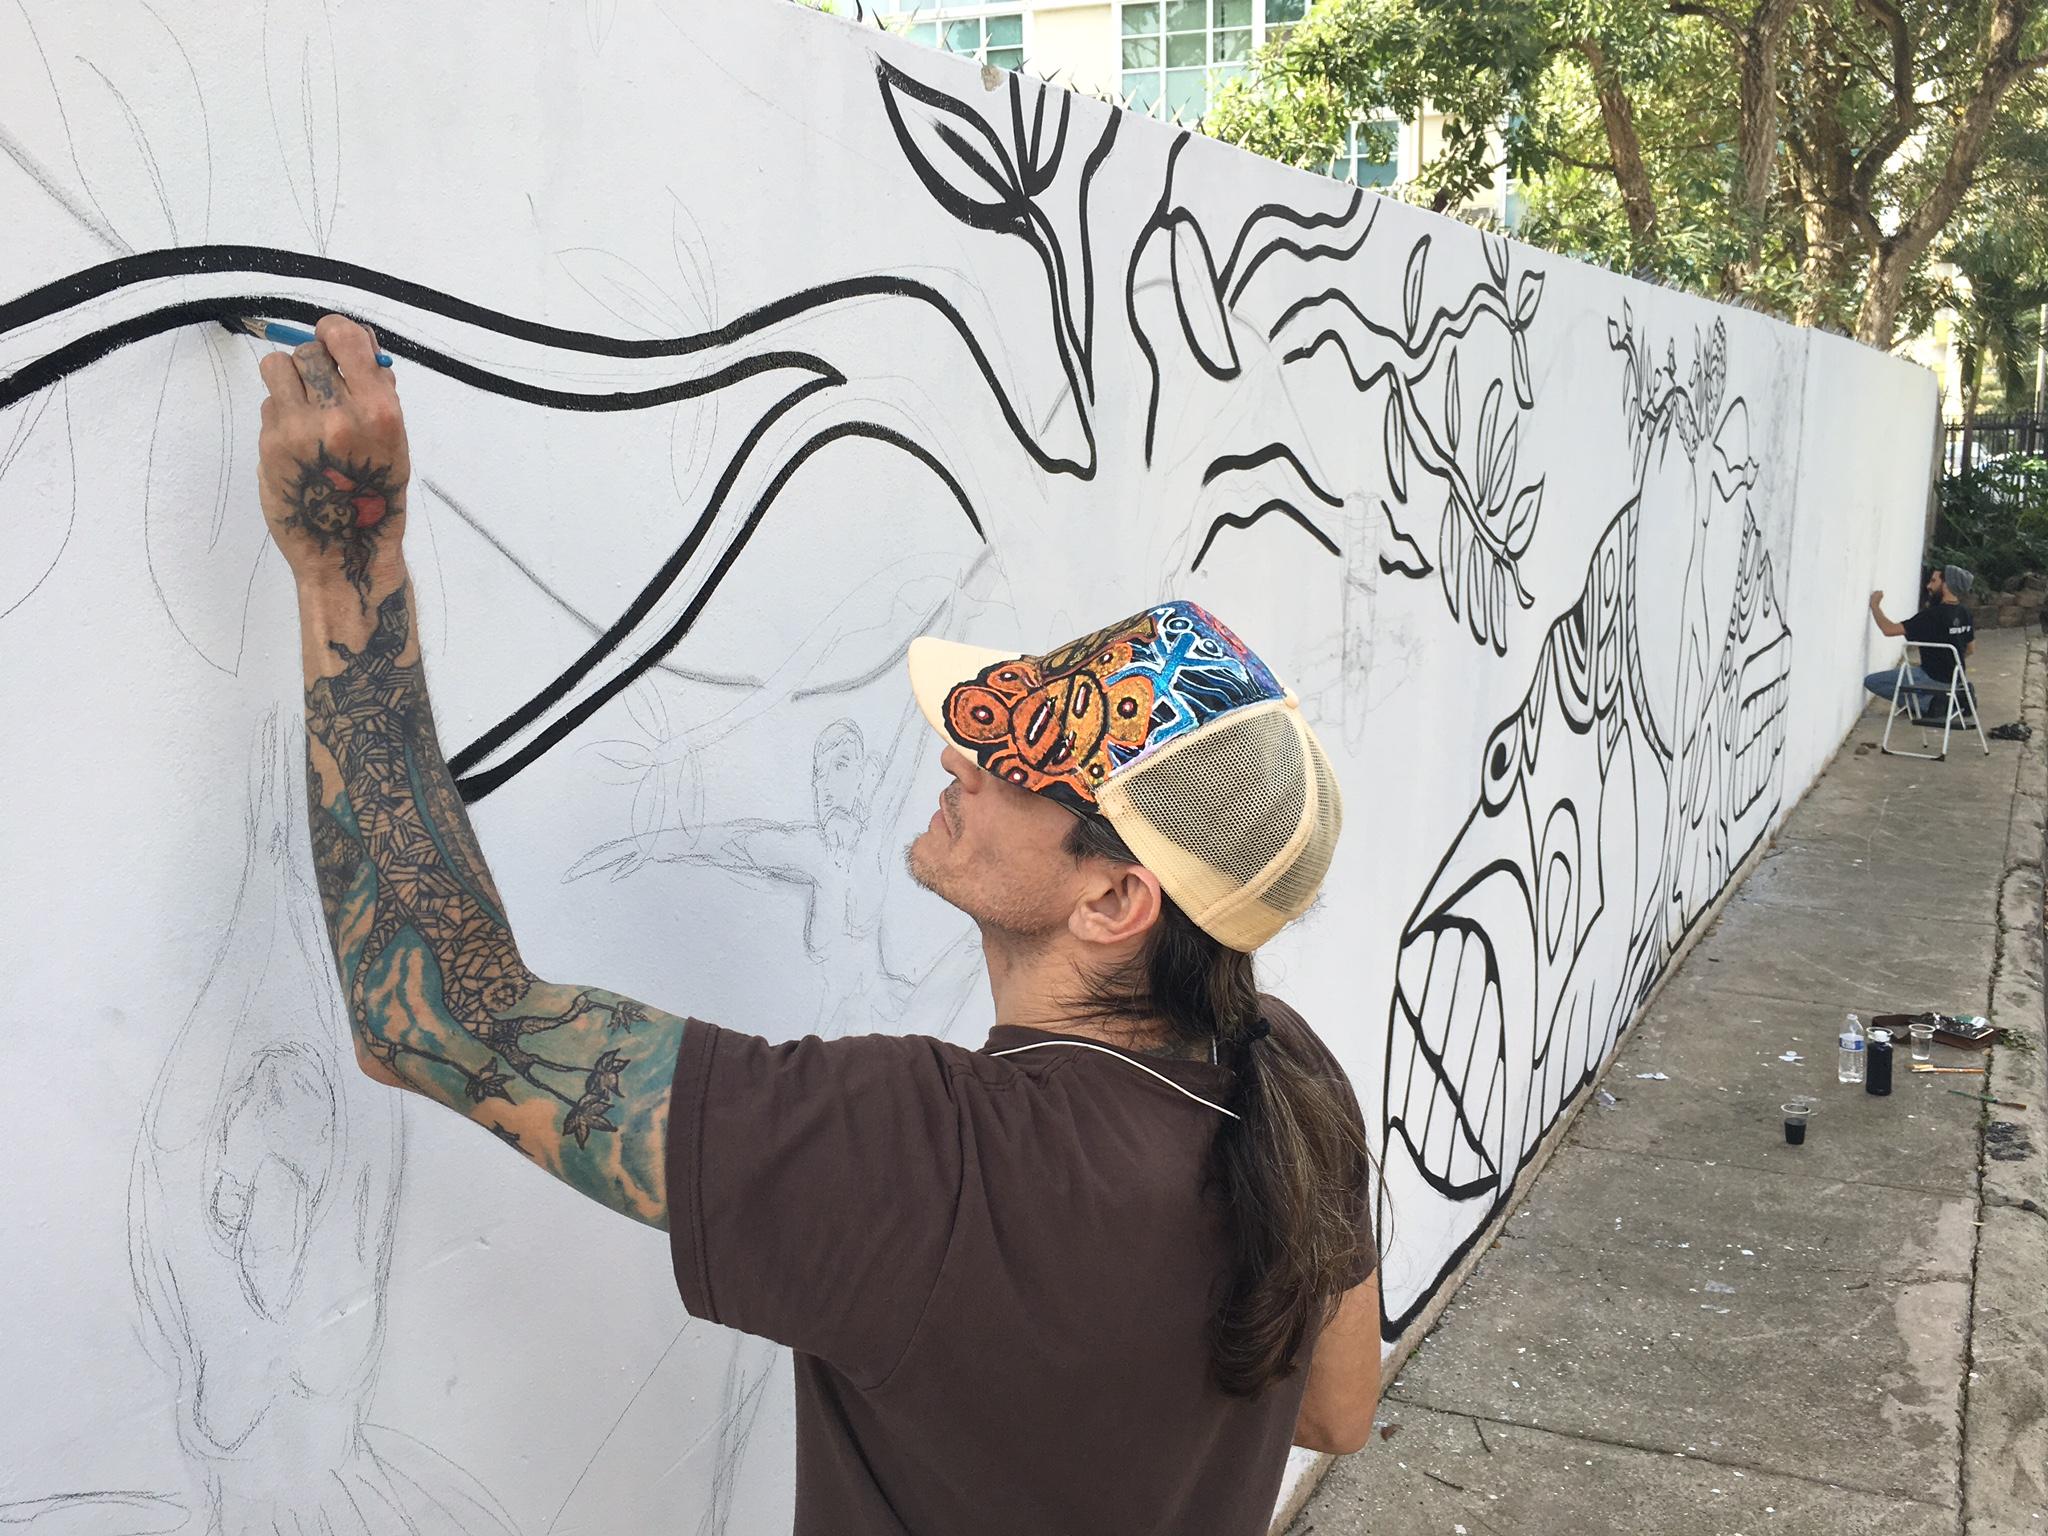 El artista Jaime Tirado se unió de lleno a esta propuesta de Exp Alt. (Foto Alina Marrero para Fundación Nacional para la Cultura Popular)